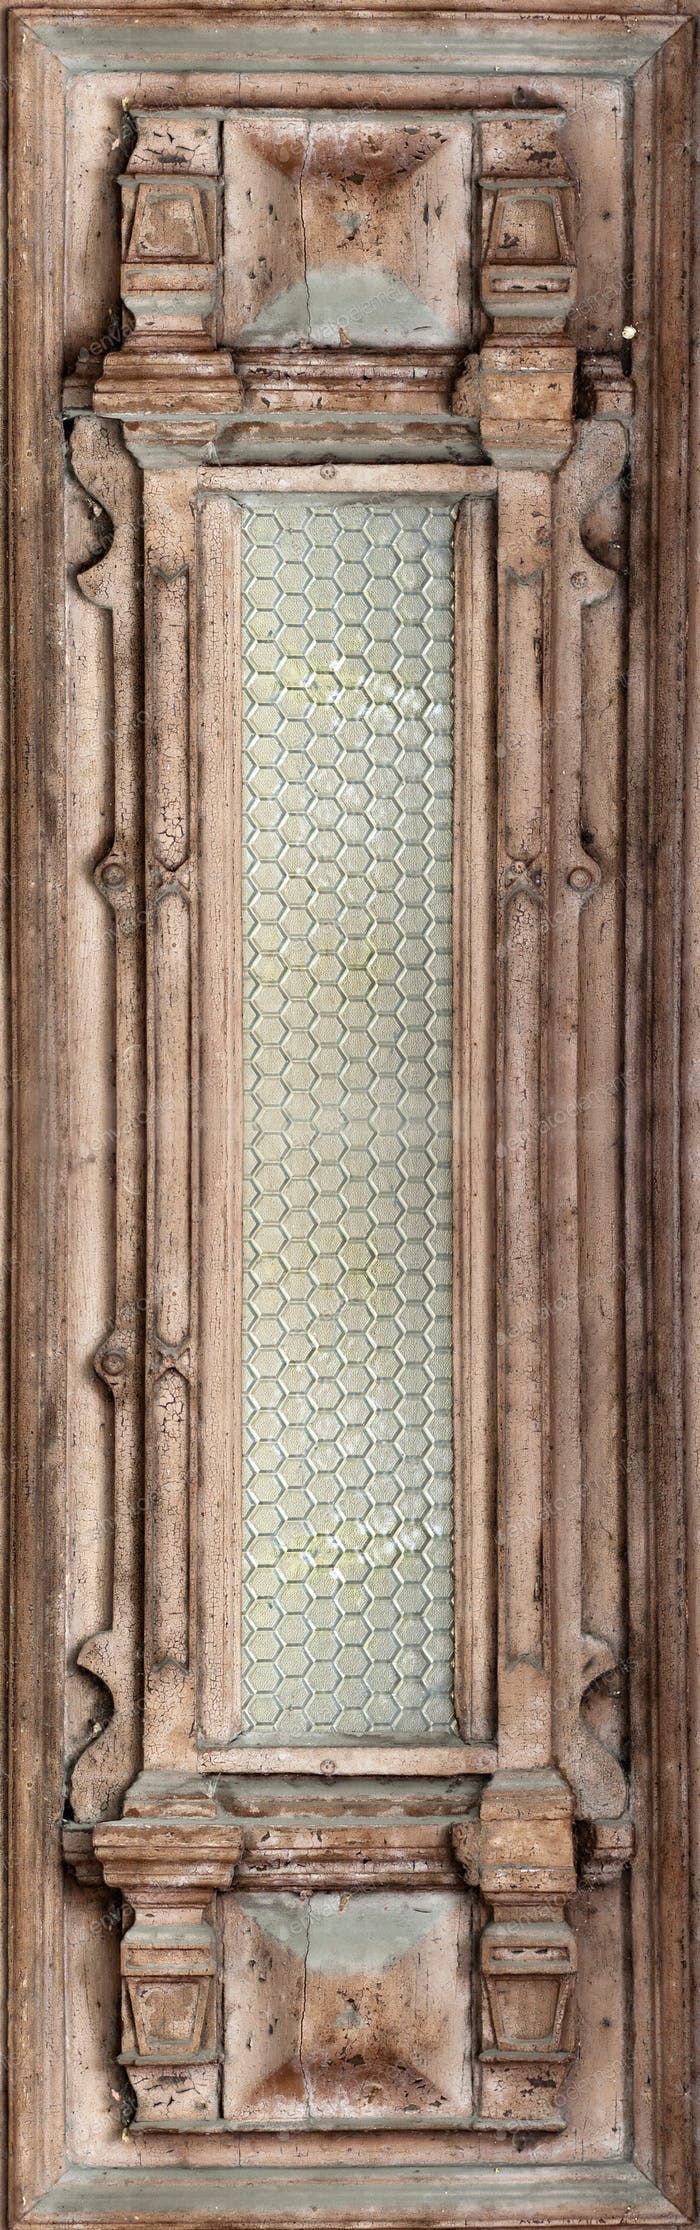 Beautiful antique wooden door